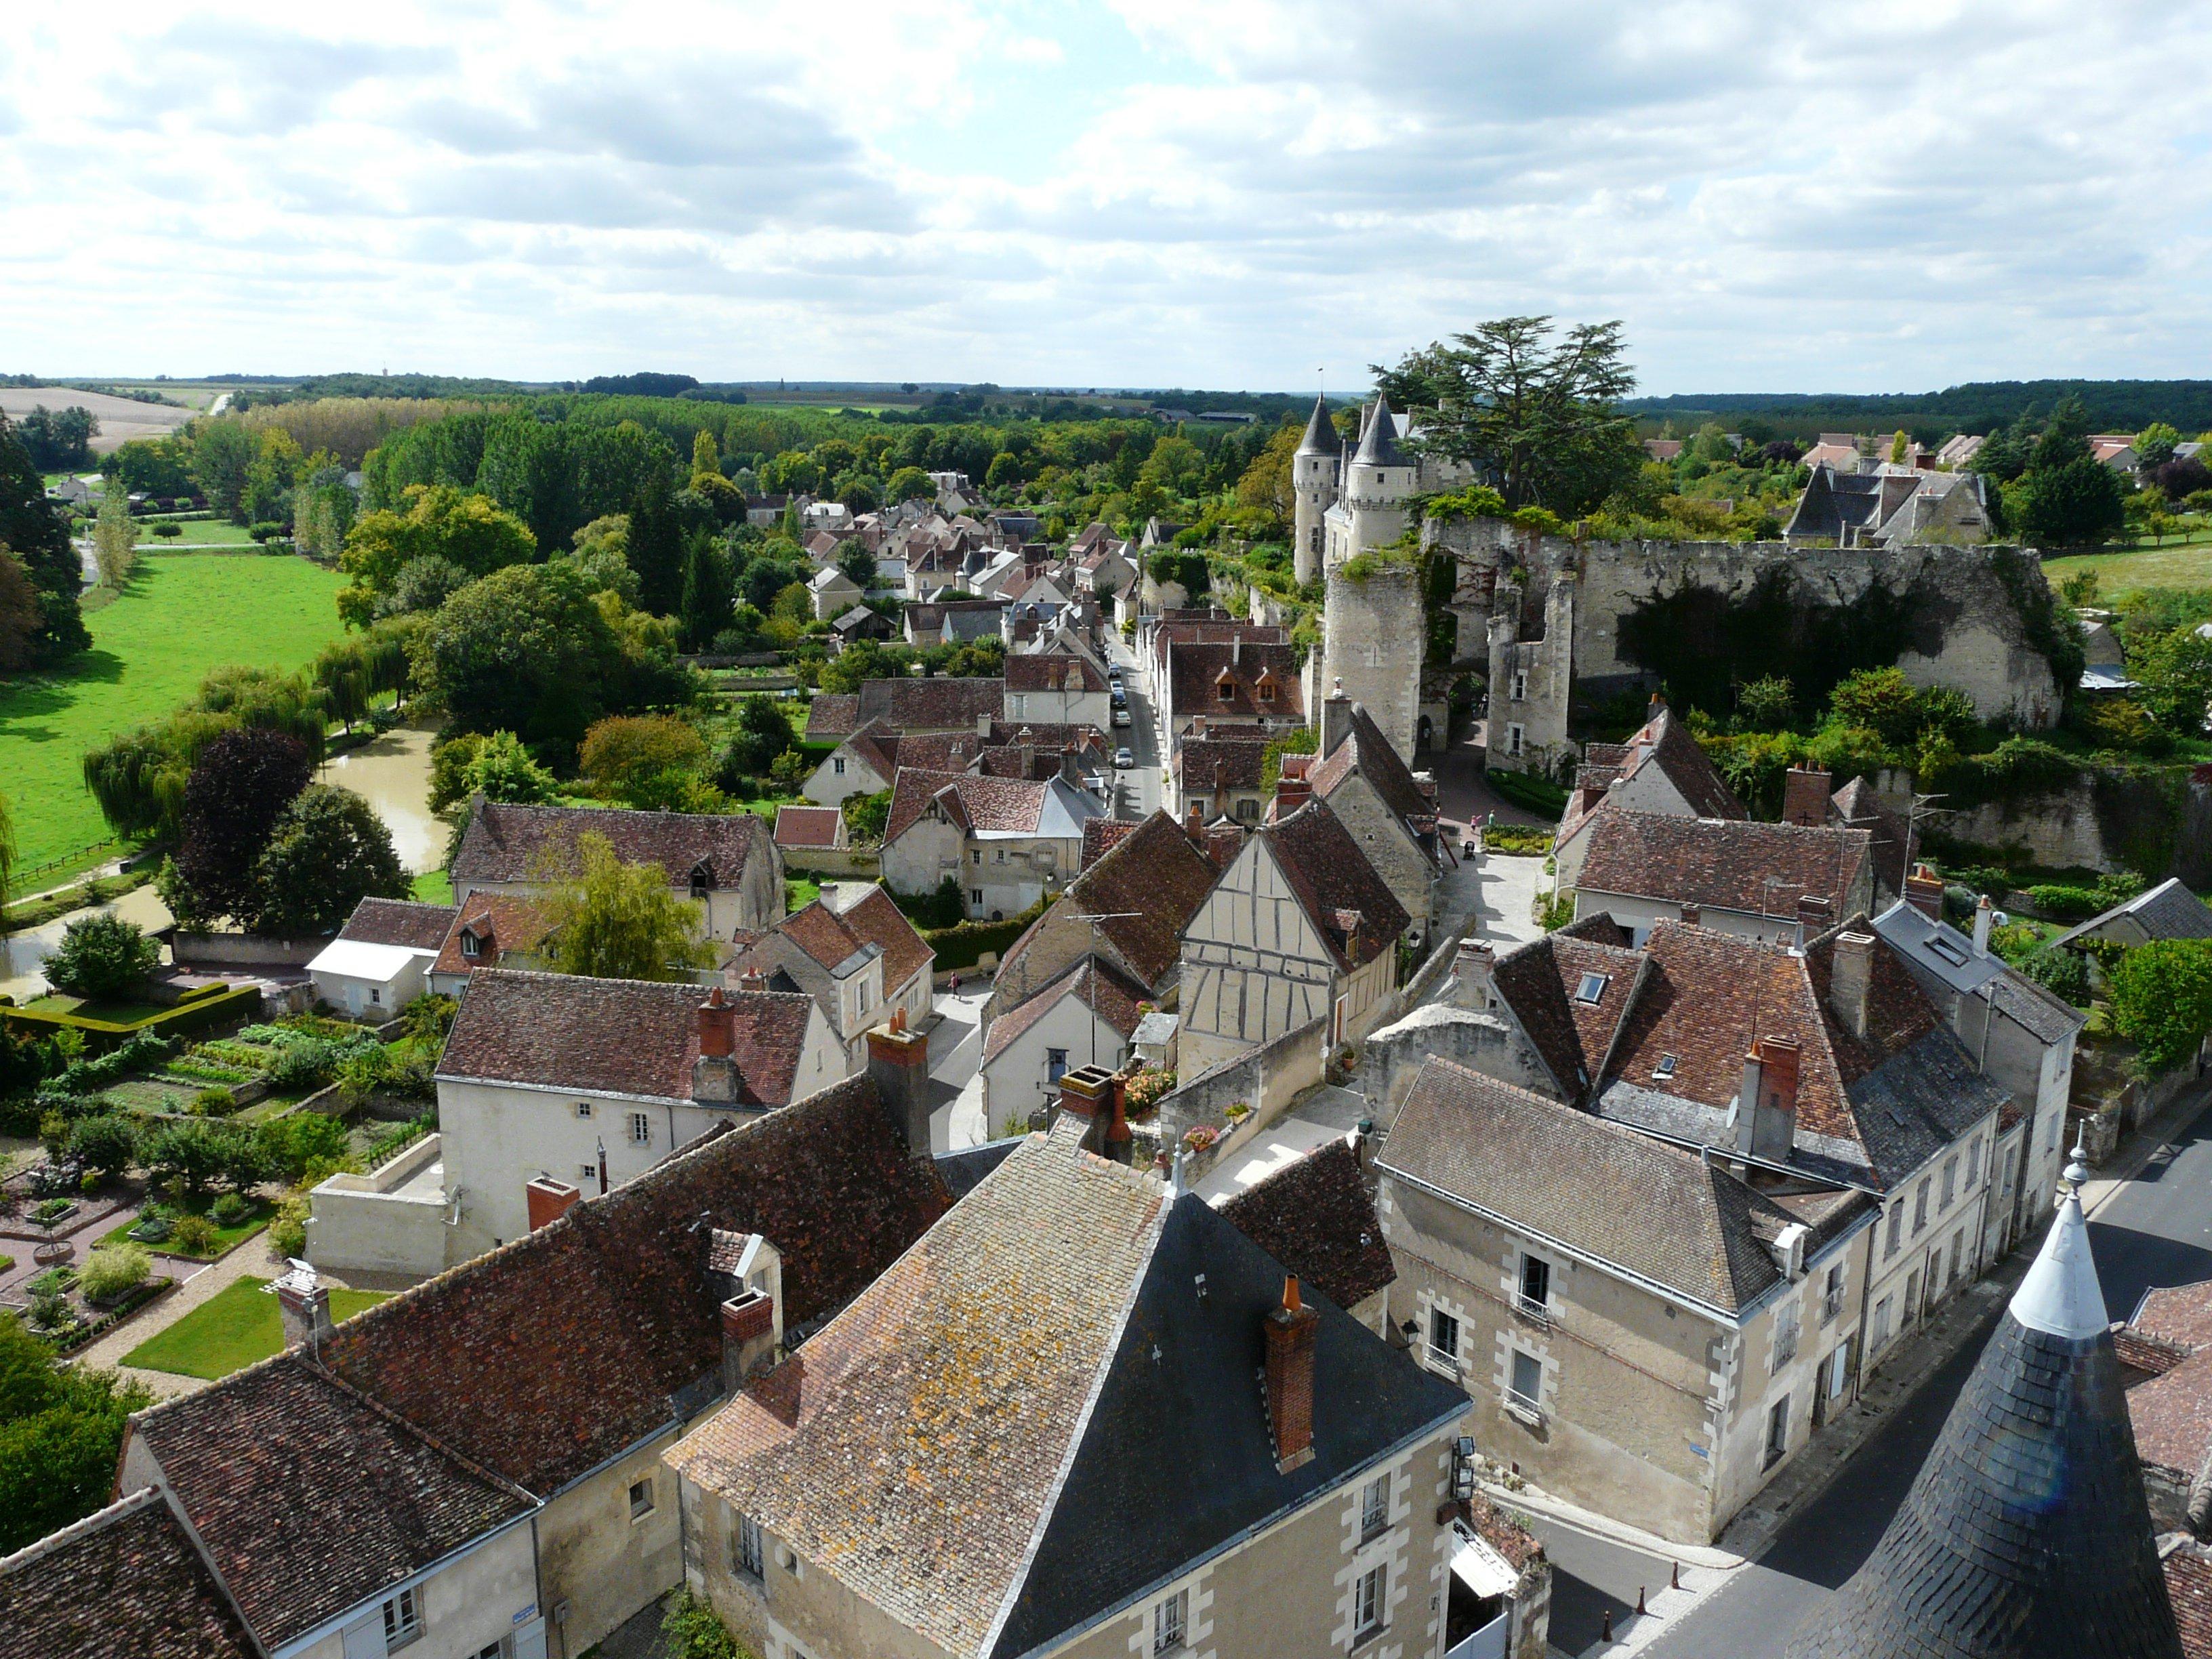 966-montresor-plus-beaux-villages-de-france-indre-et-loire.jpg